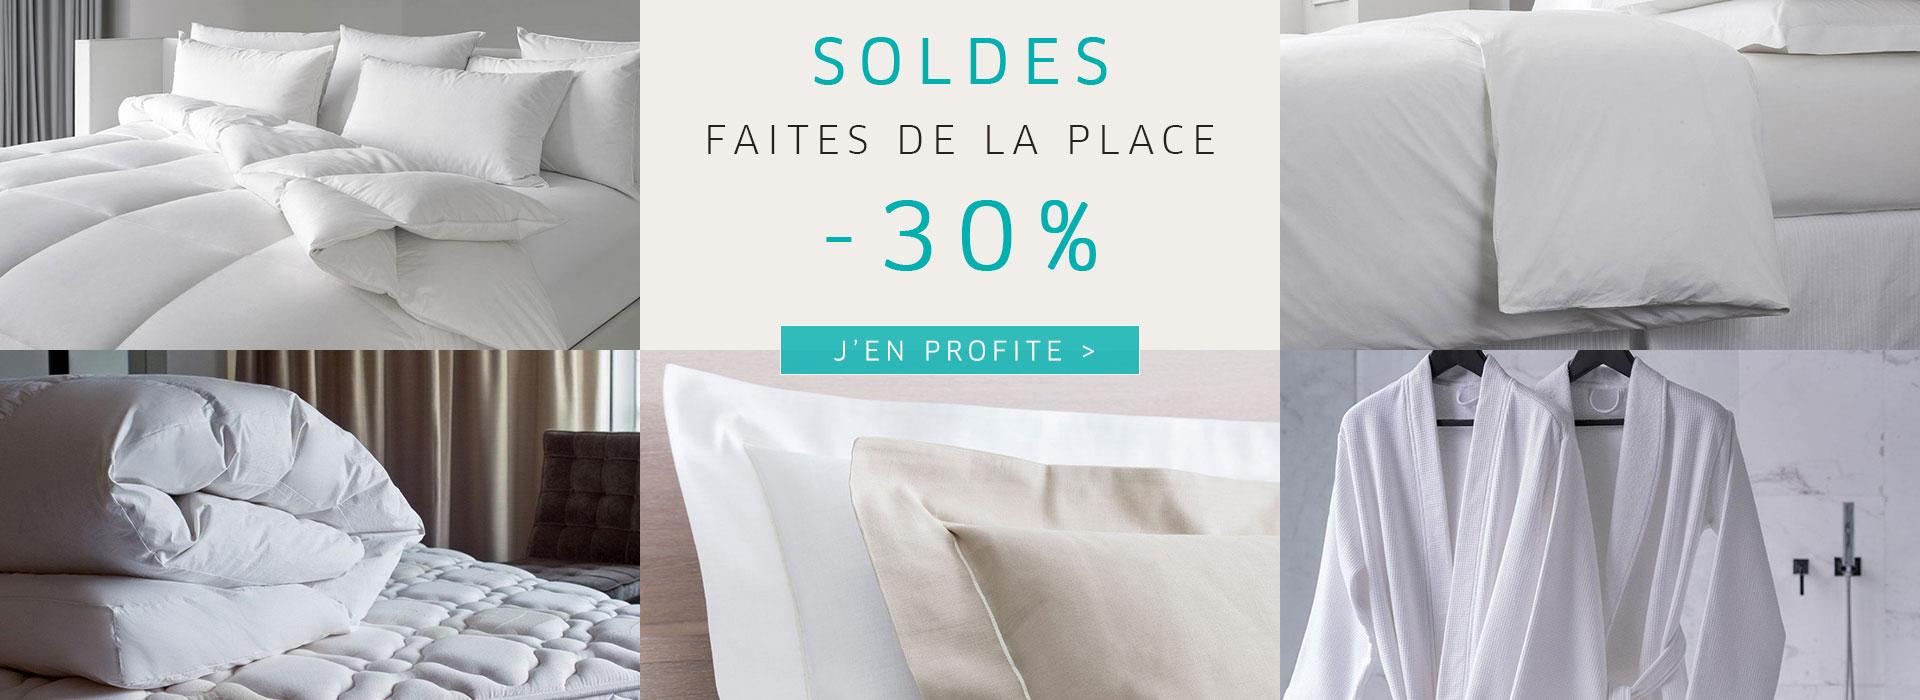 SOLDES   FAITES DE LA PLACE   -30%